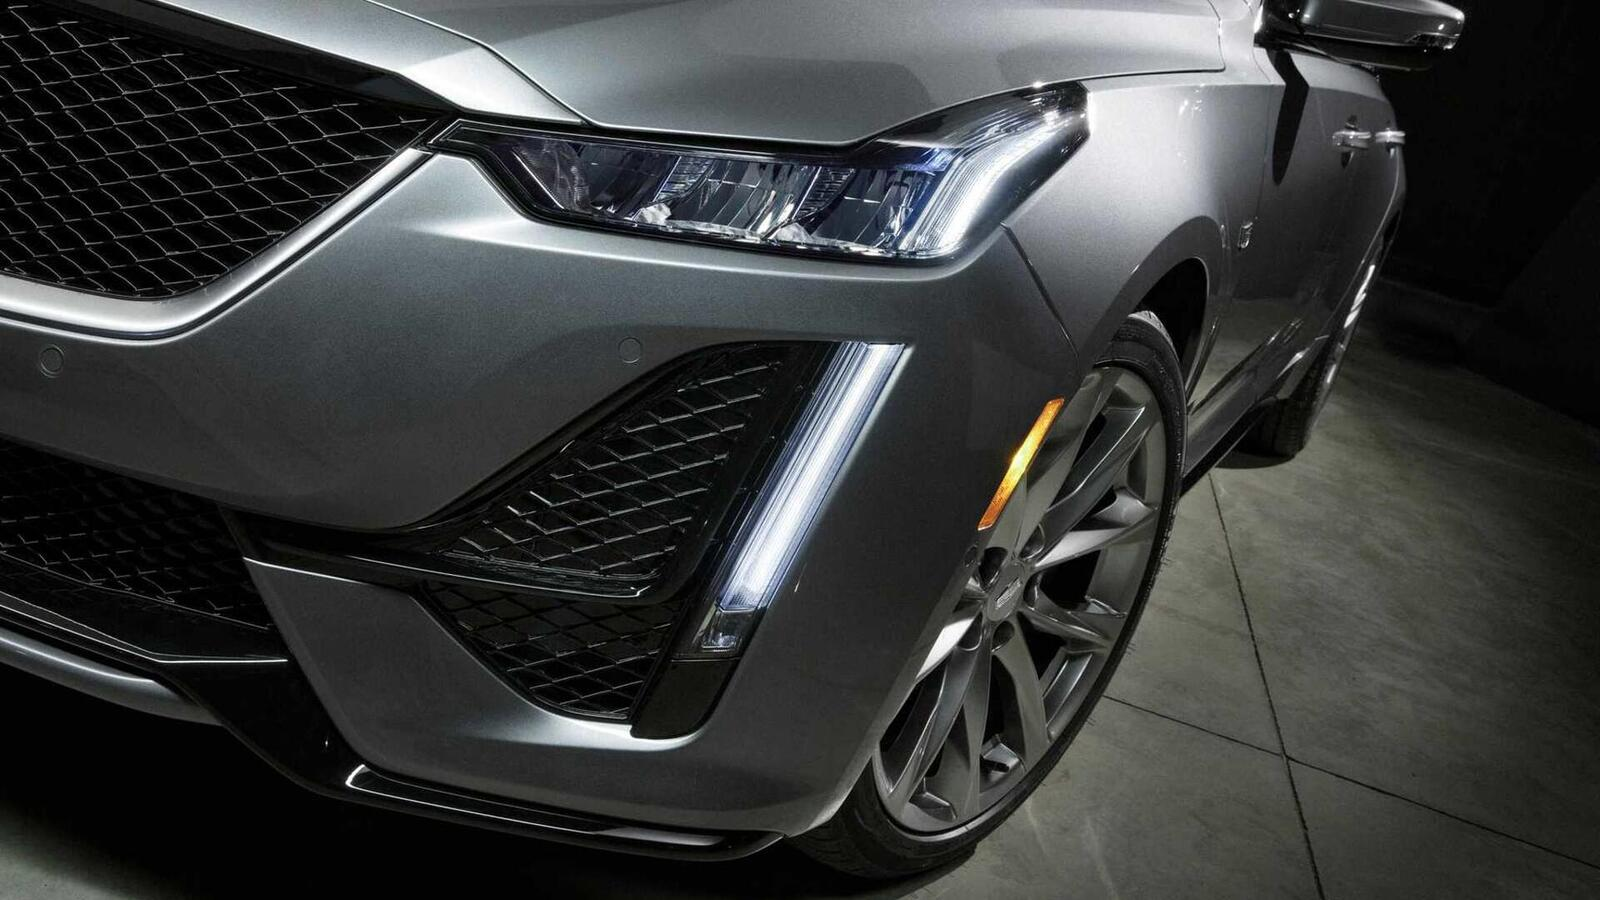 Xem trước sedan Cadillac CT5 hoàn toàn mới trước ngày ra mắt: kẻ thay thế  CTS - Hình 8